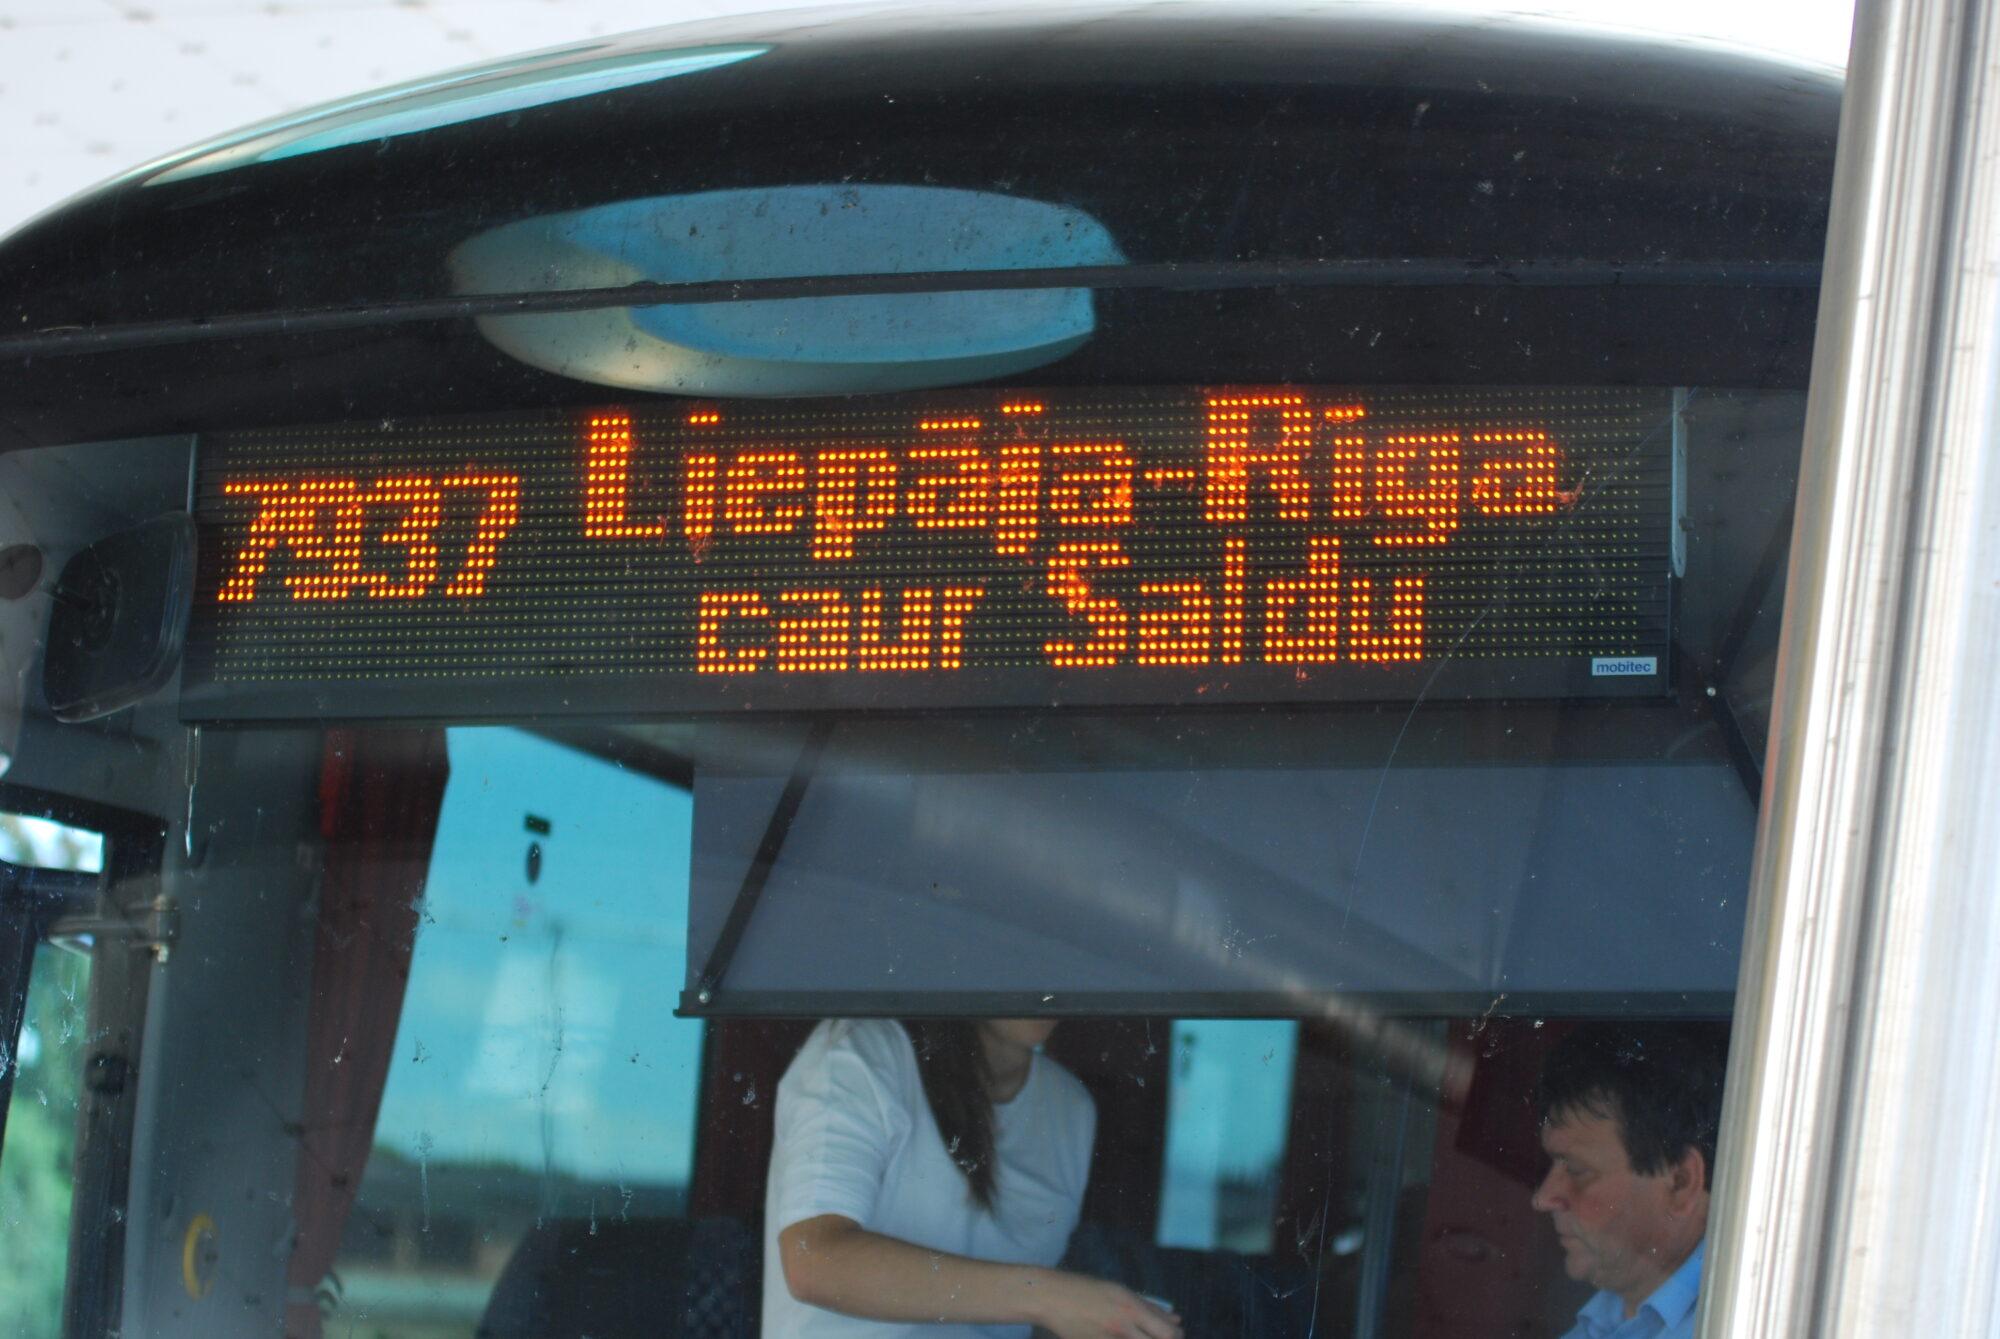 Из-за заболевшего «Covid-19» пассажира в самоизоляцию должны уйти пассажиры рейса Лиепая-Рига 5 июля